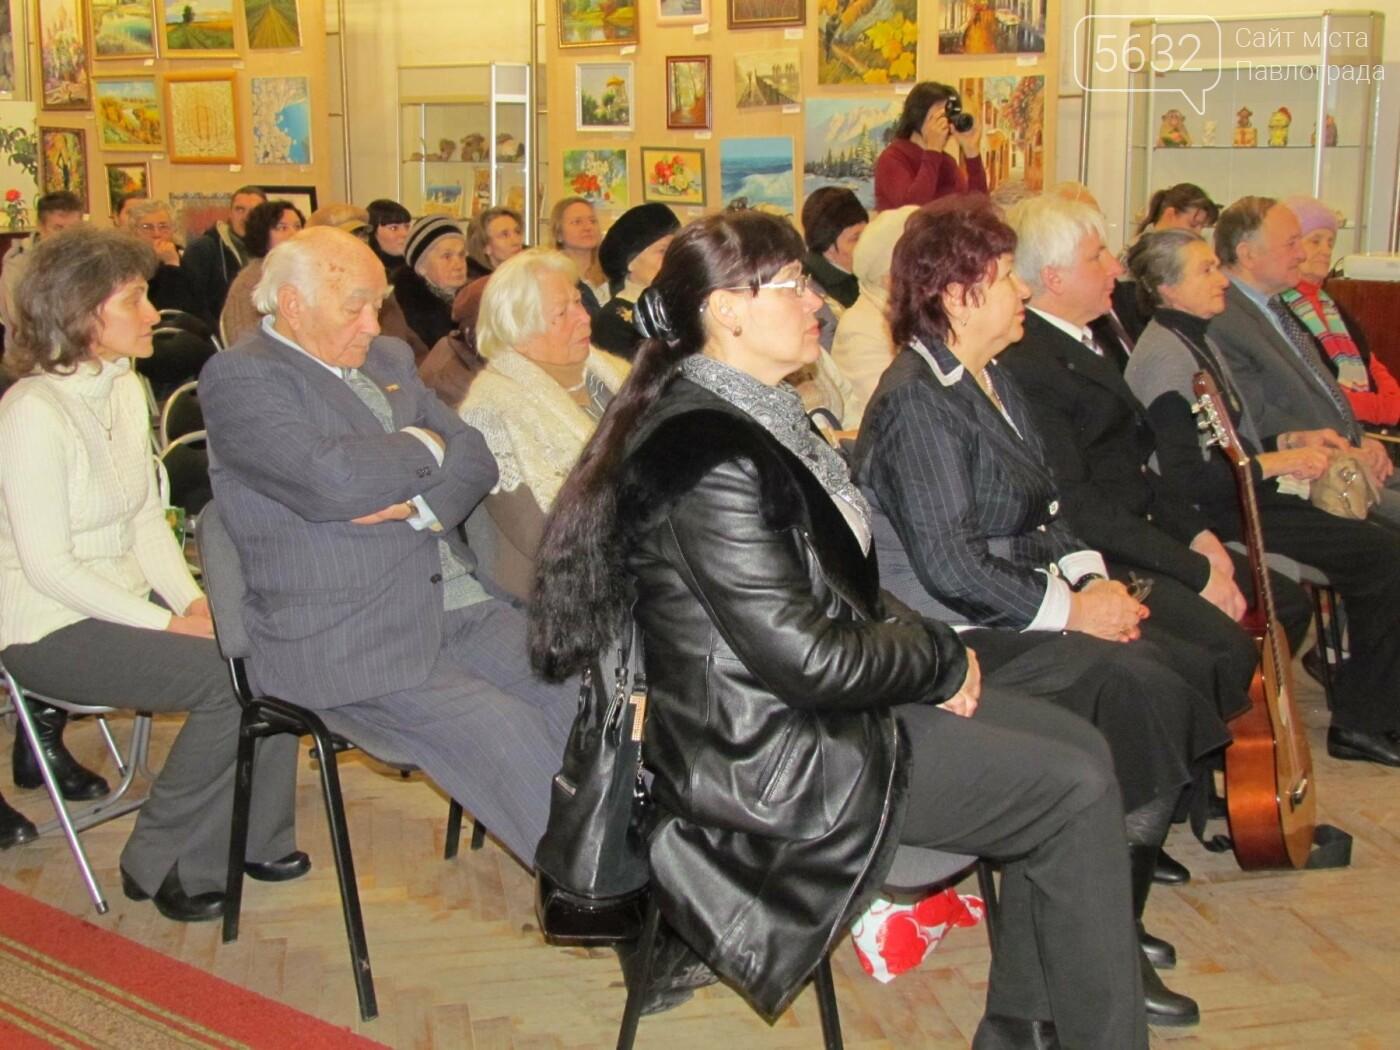 Горожане почтили память основателя Павлоградского историко-краеведческого музея, фото-1